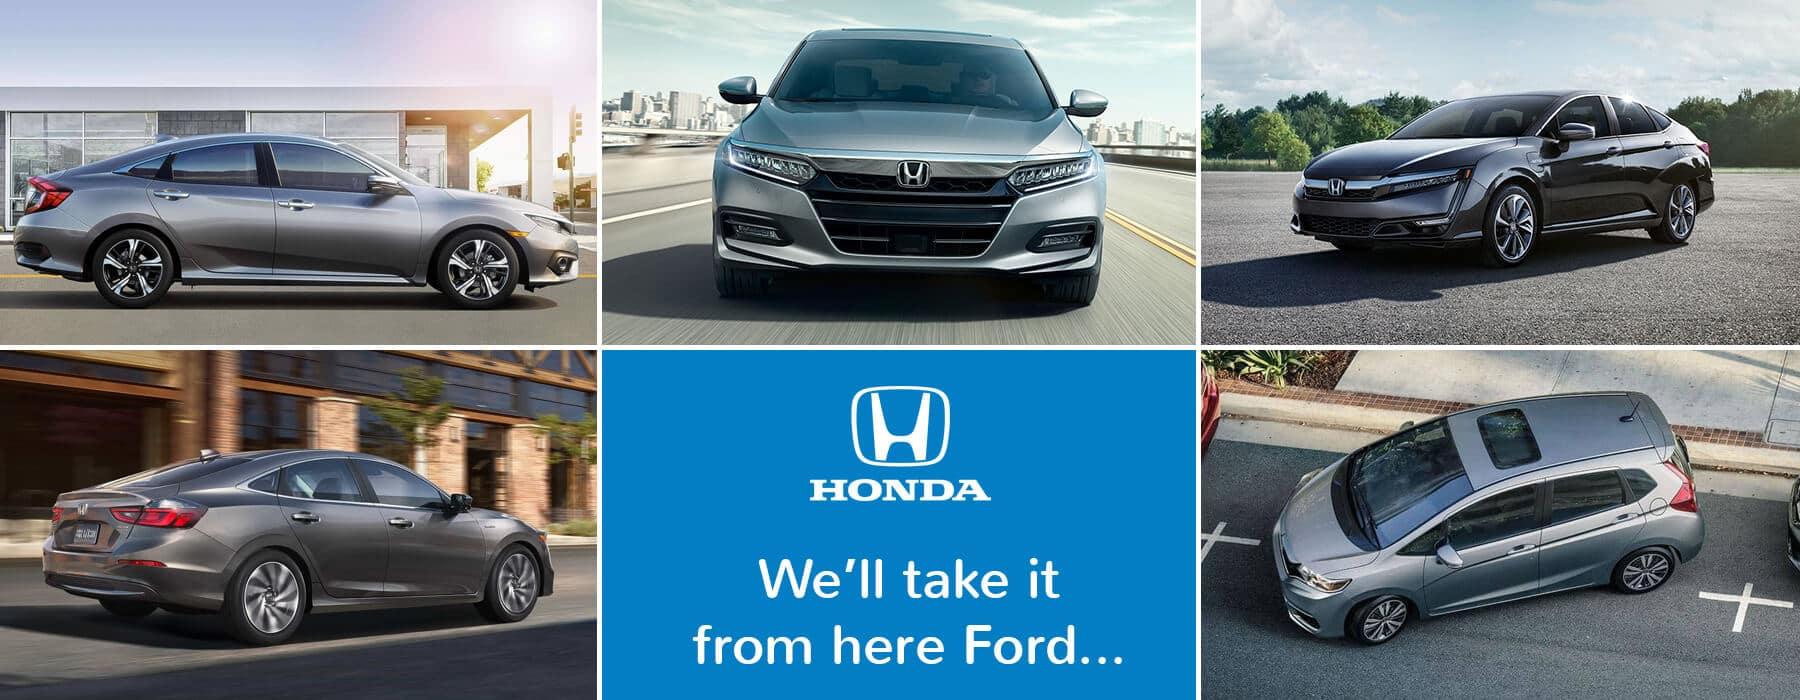 Honda Car Lineup Banner